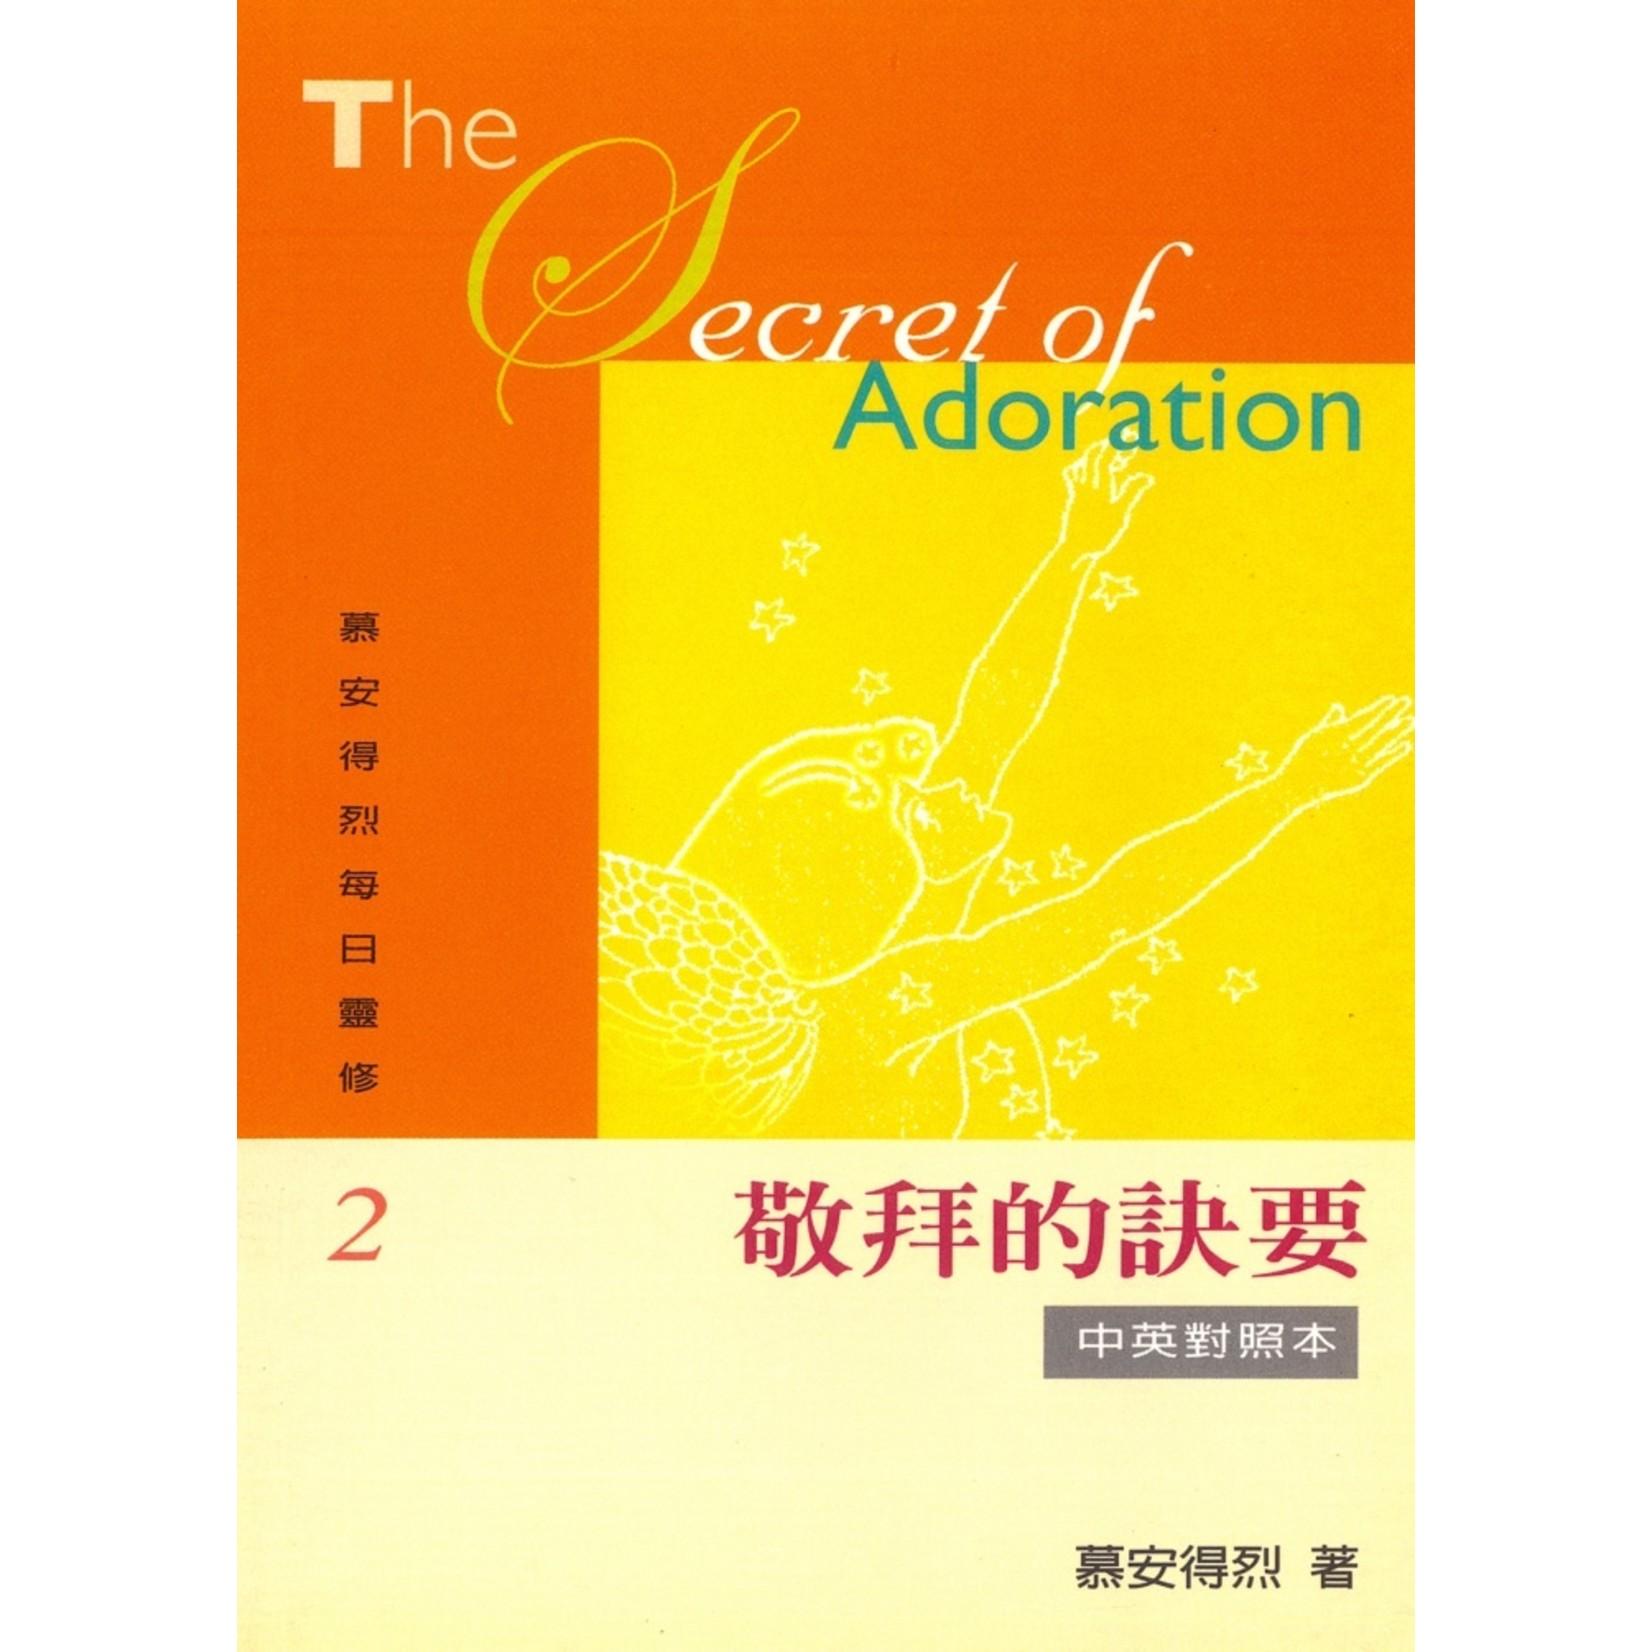 歸主 (TW) 慕安得烈每日靈修02:敬拜的訣要(中英對照) The Secret of Adoration